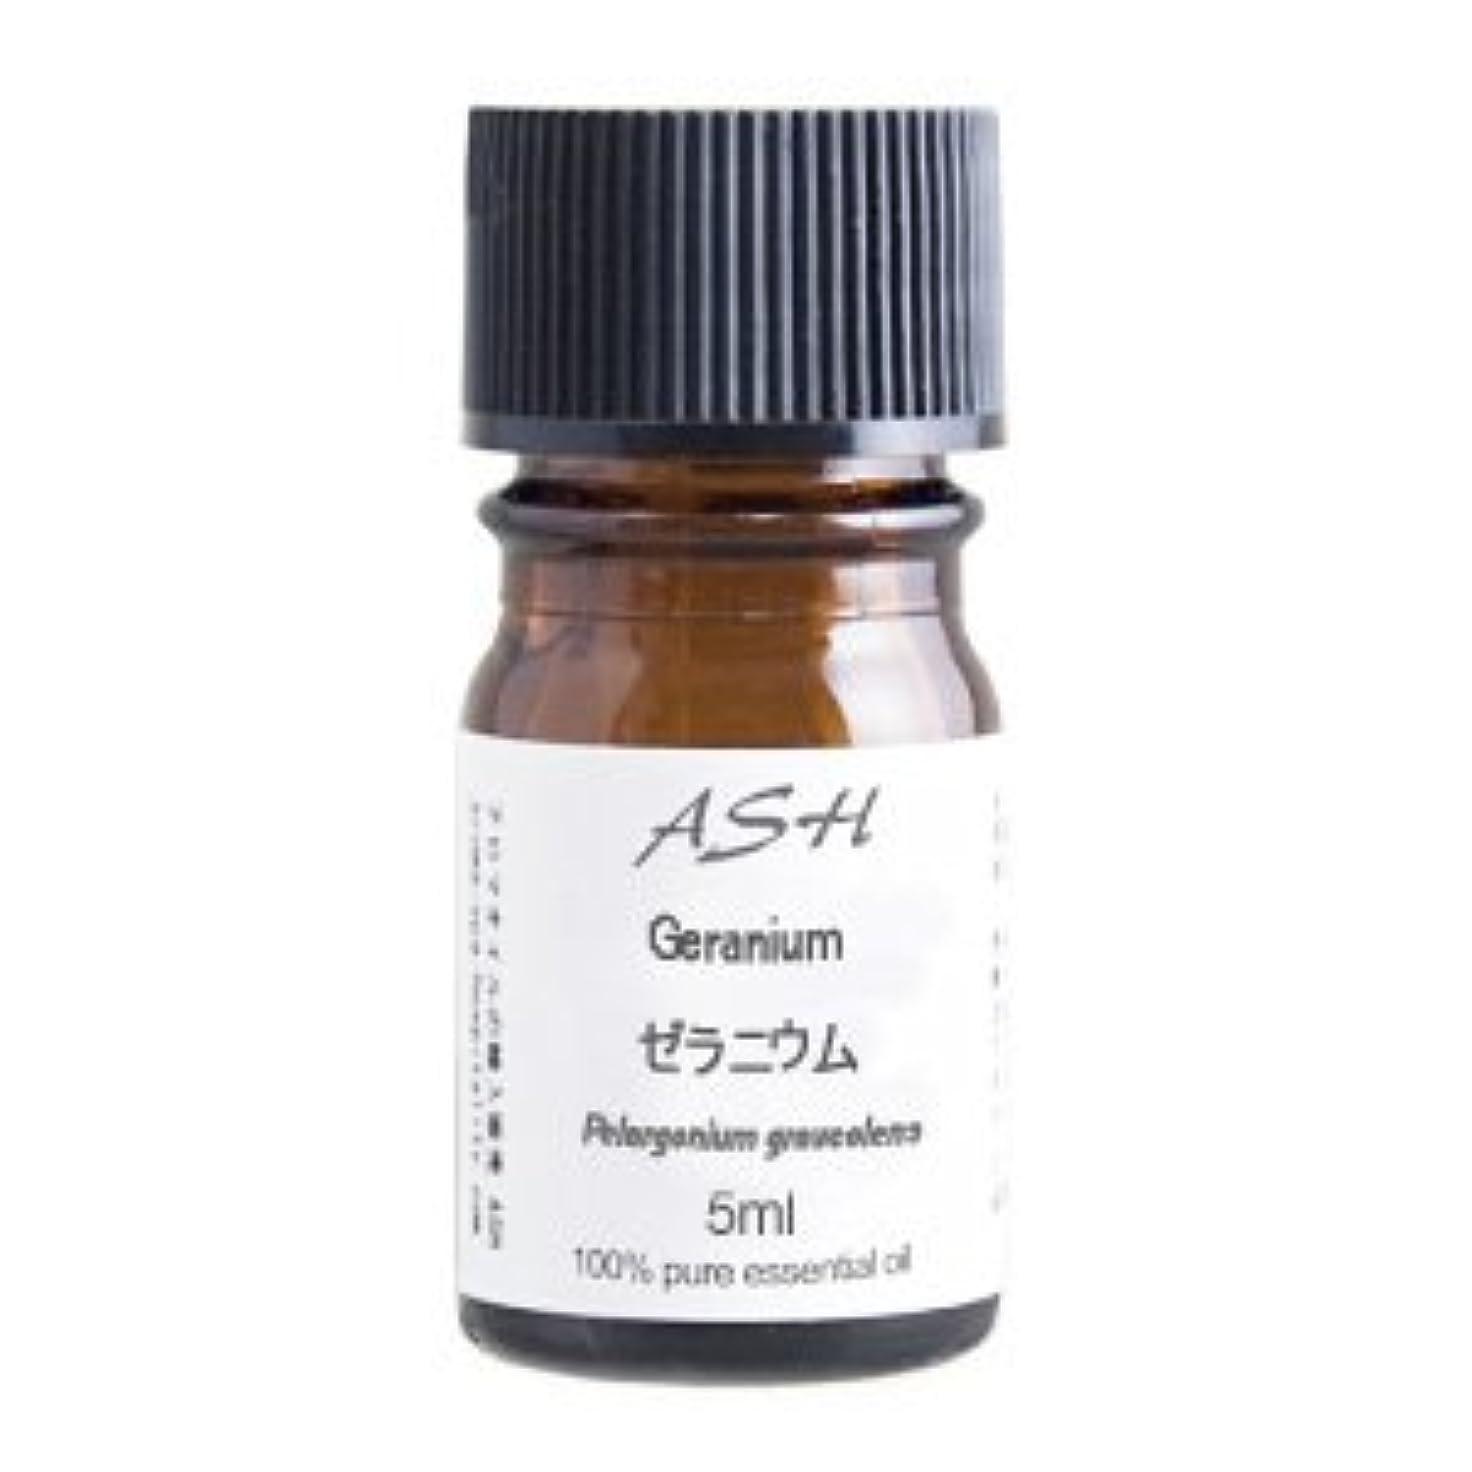 正午スタジアム華氏ASH ゼラニウム エッセンシャルオイル 5ml AEAJ表示基準適合認定精油